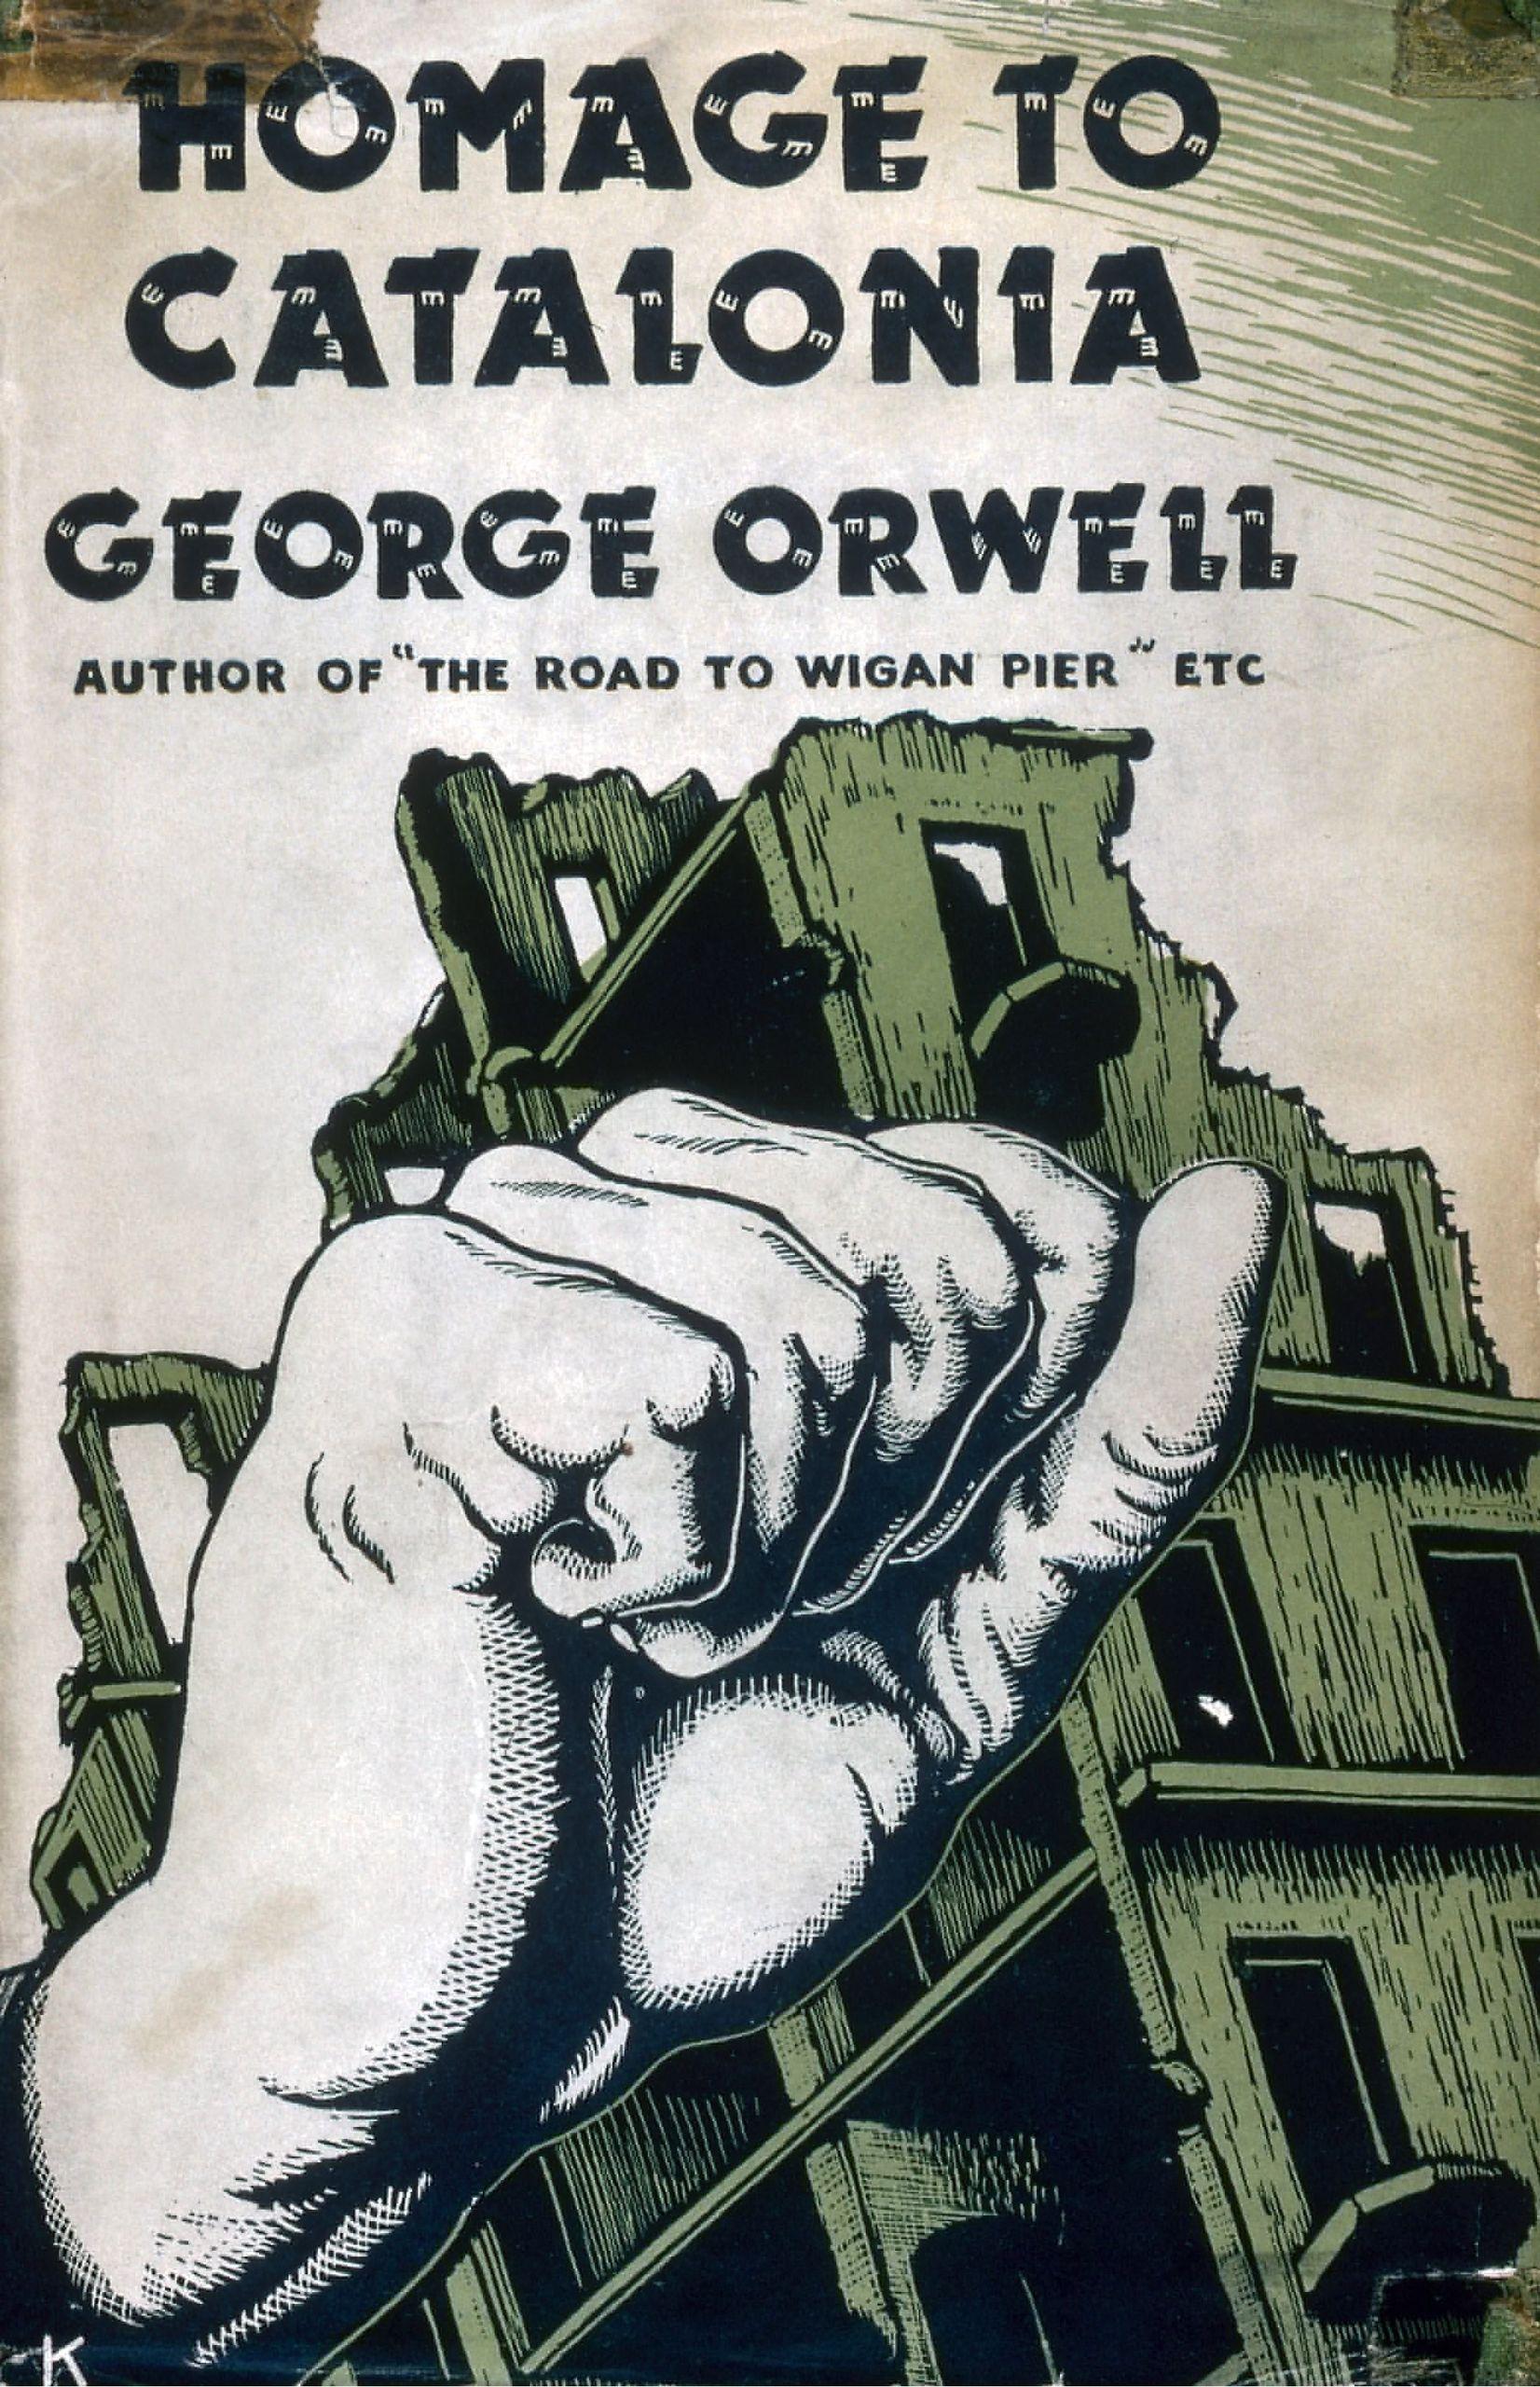 Portada de la primera edición, 1938